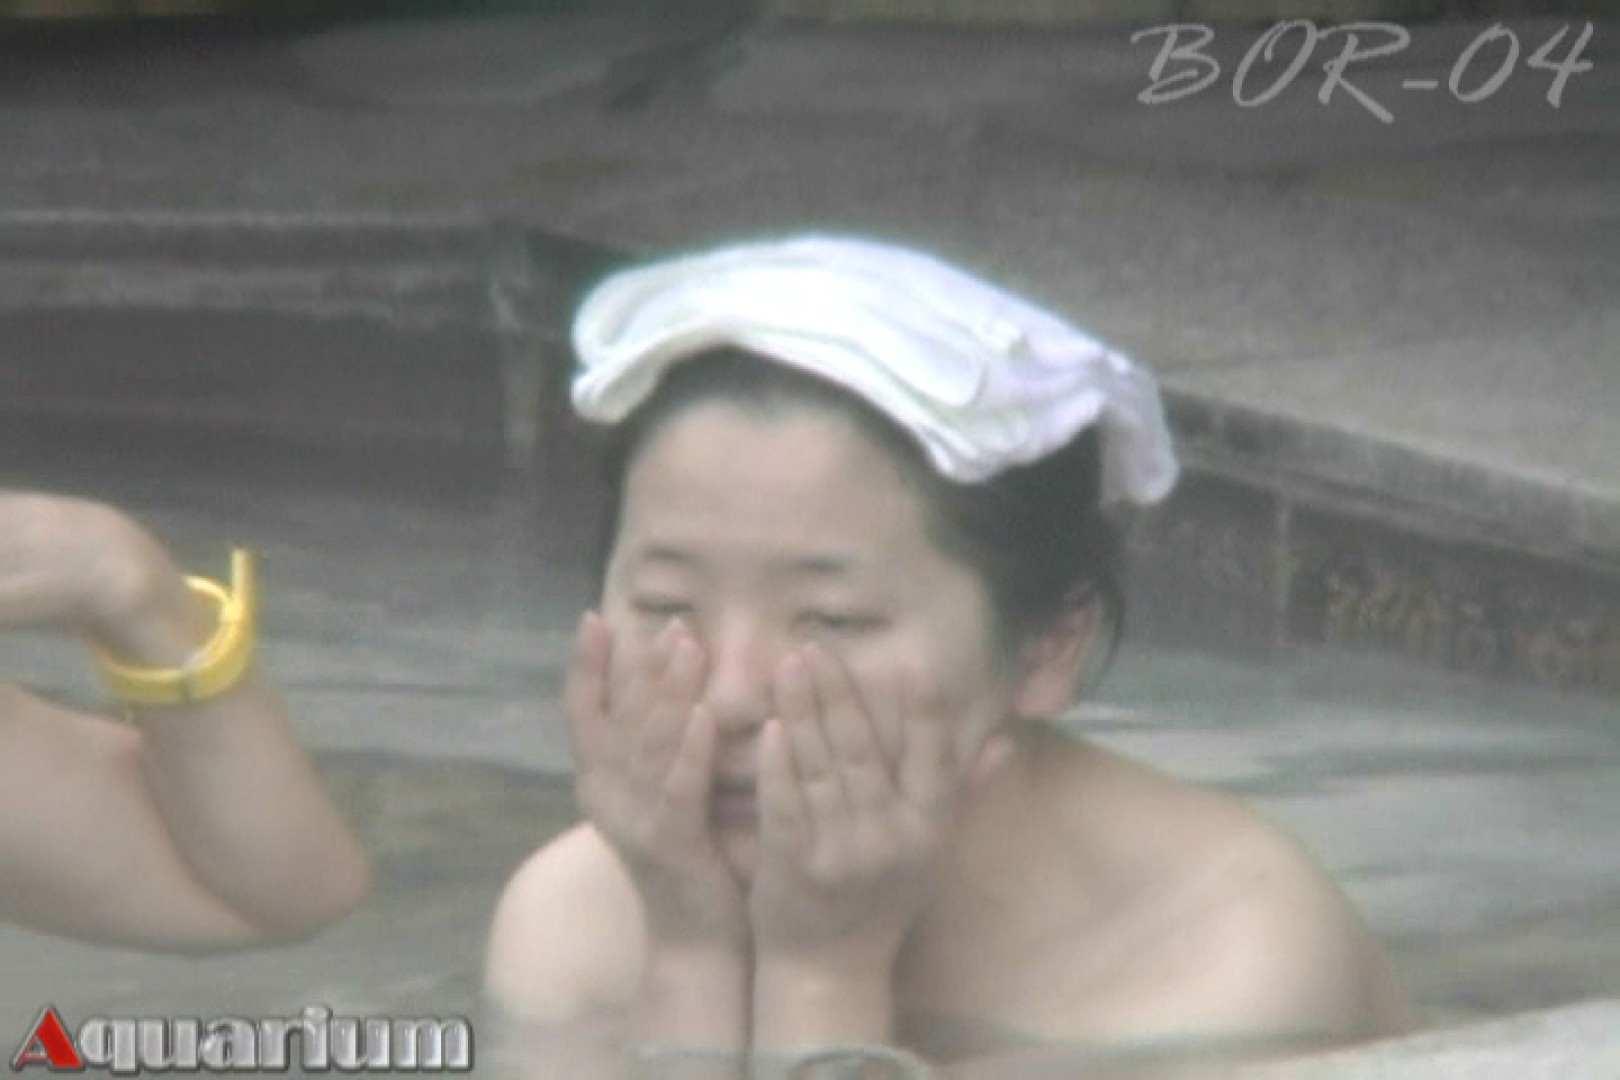 Aquaな露天風呂Vol.506 OLのエロ生活  99連発 69